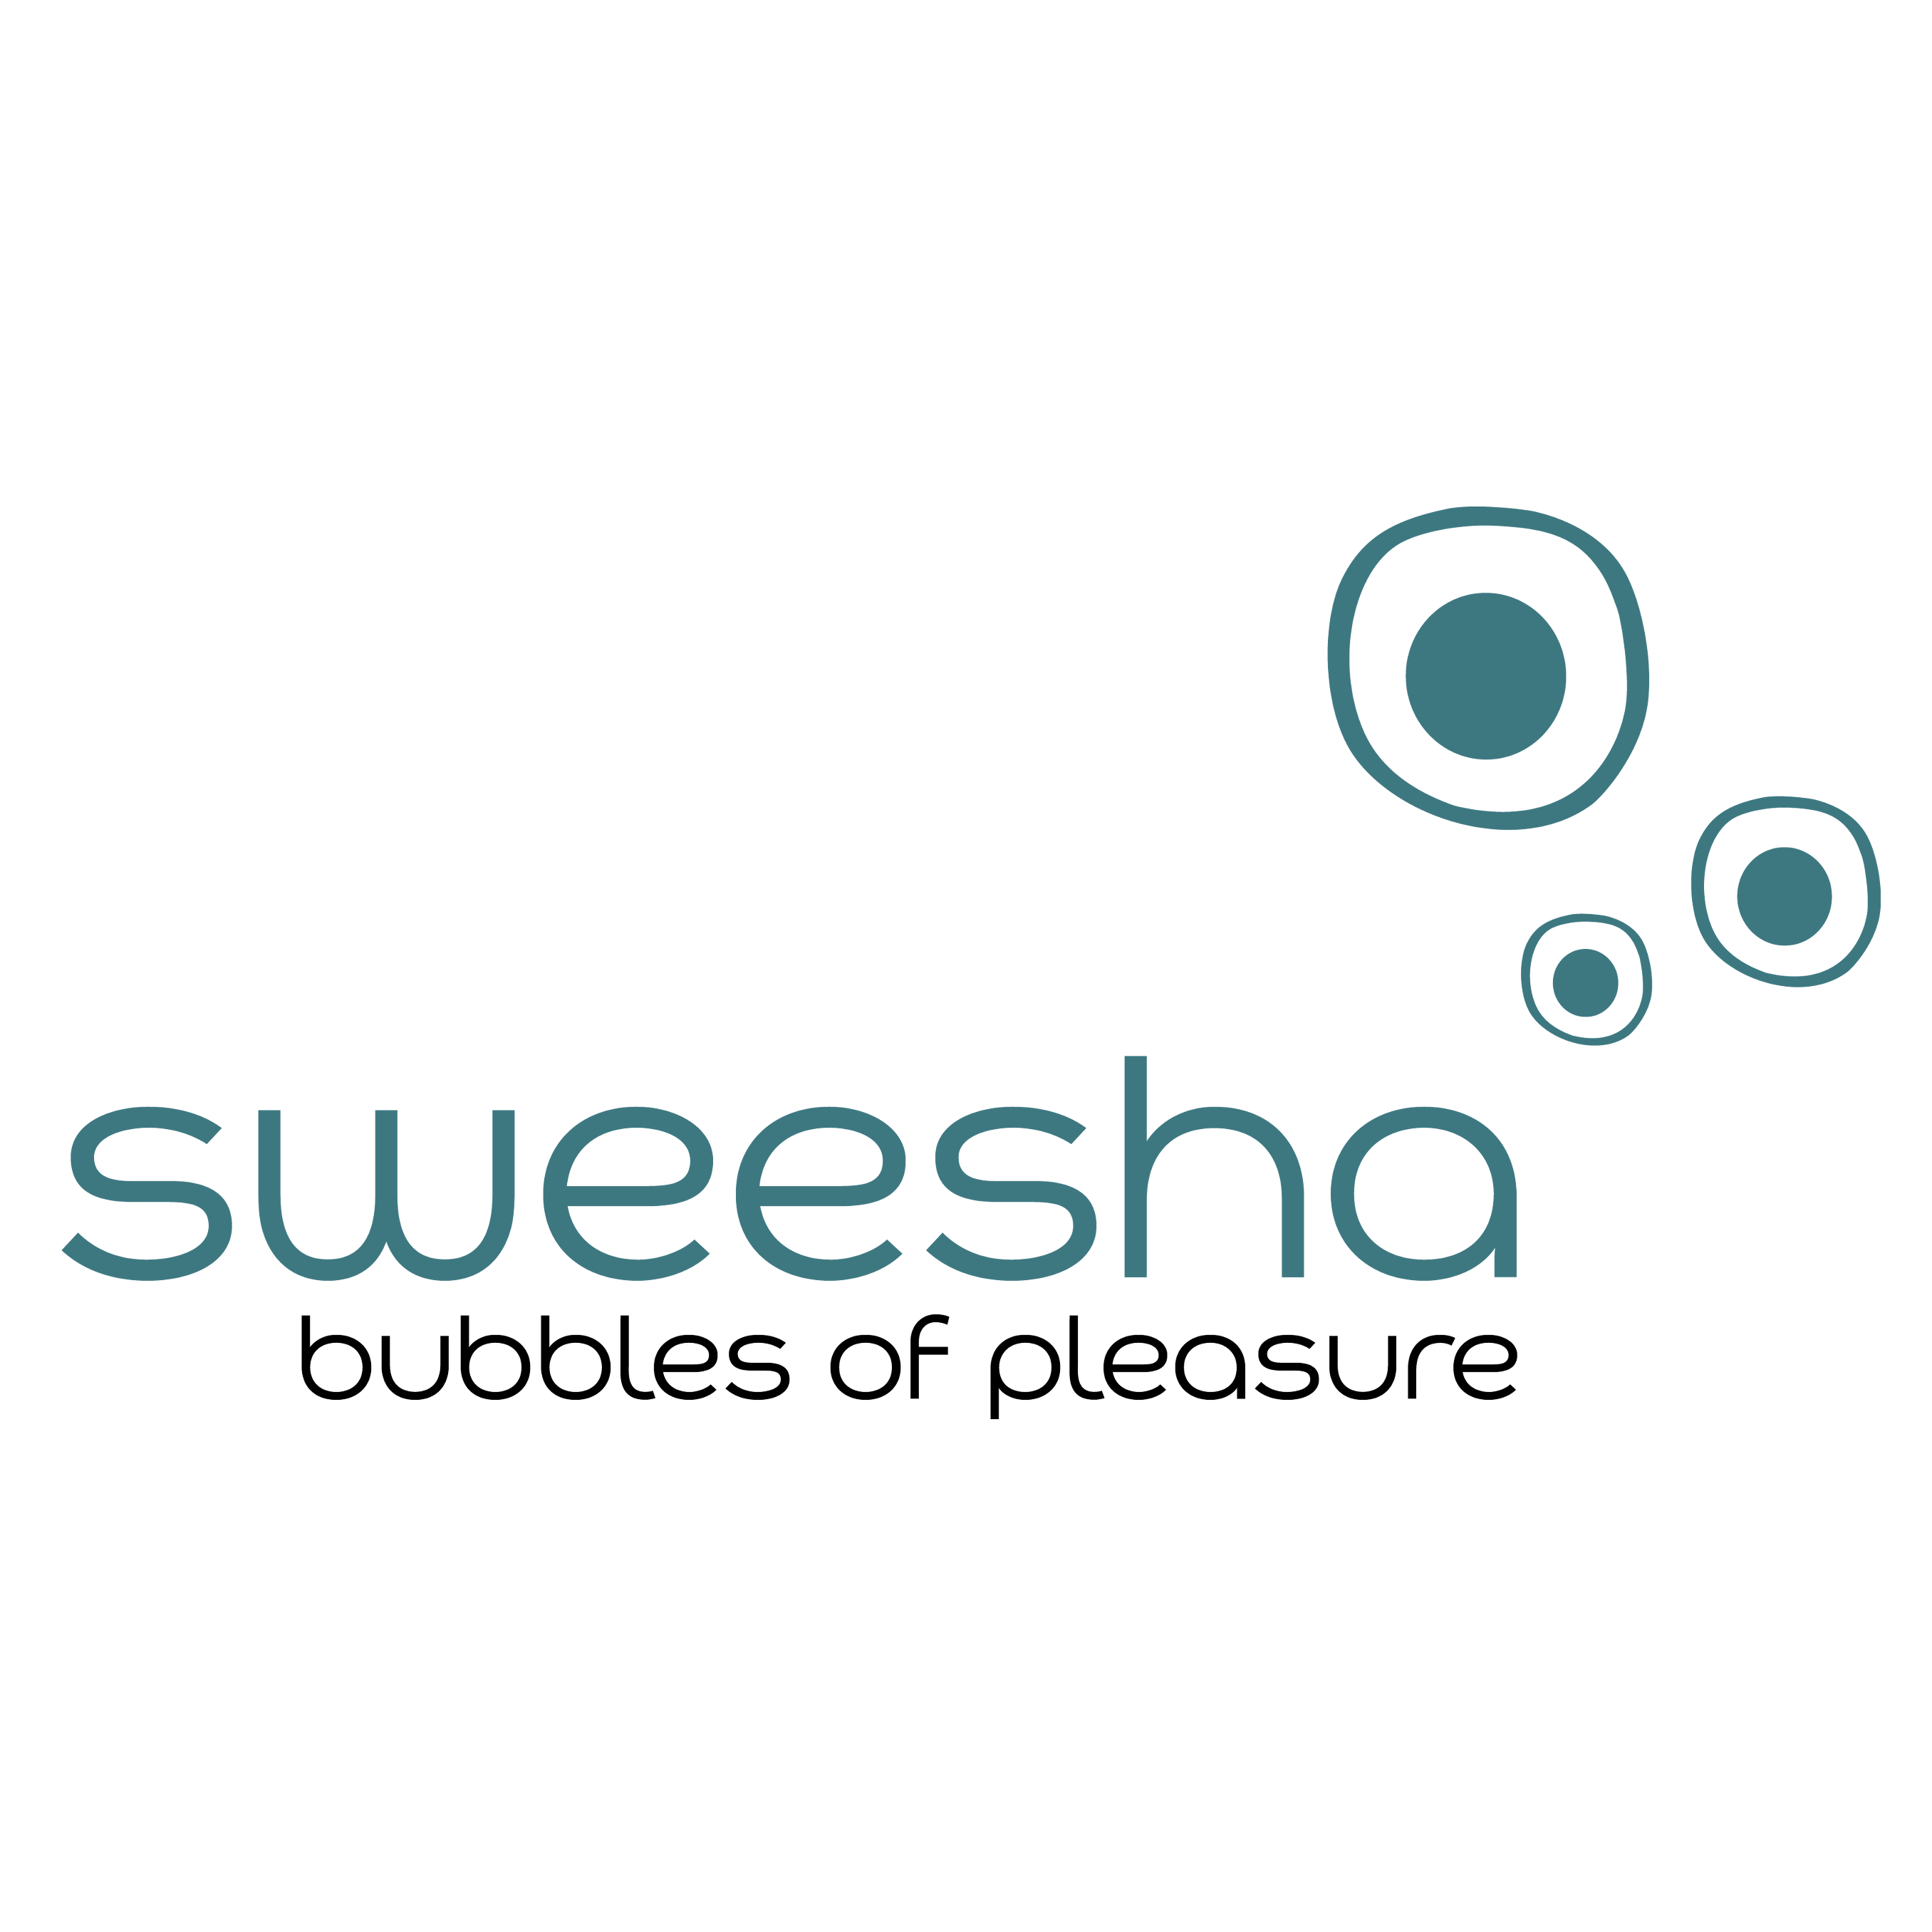 Sweesha